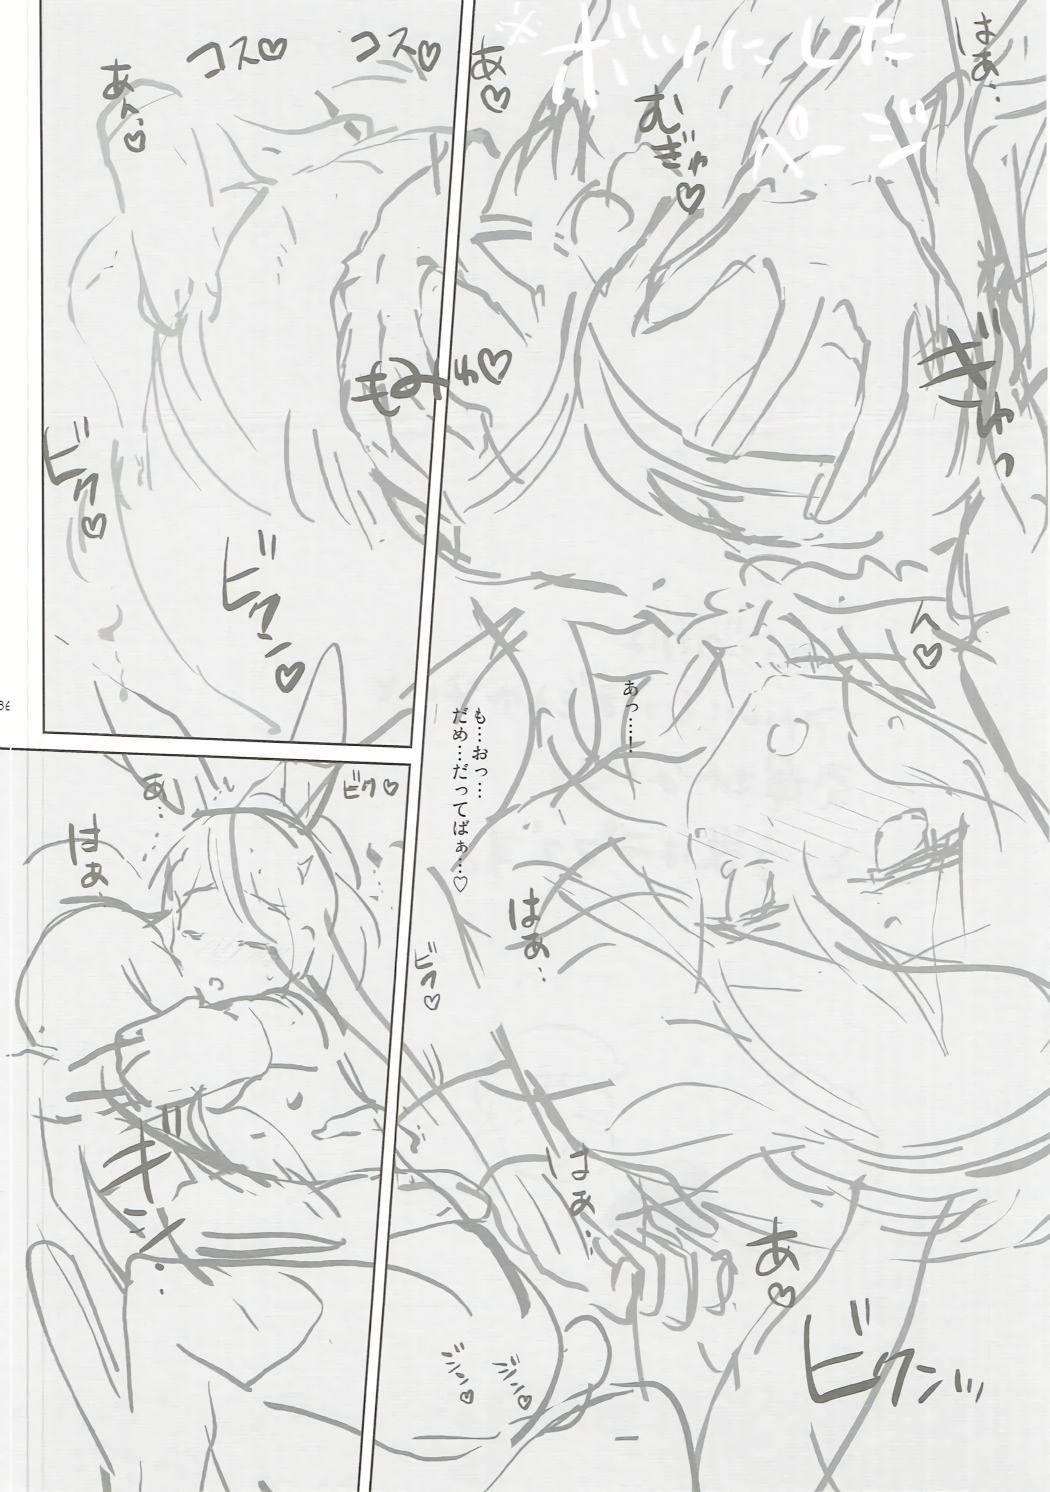 Djeeta-chan no Renai Battle na Hibi ep. 2.5 34